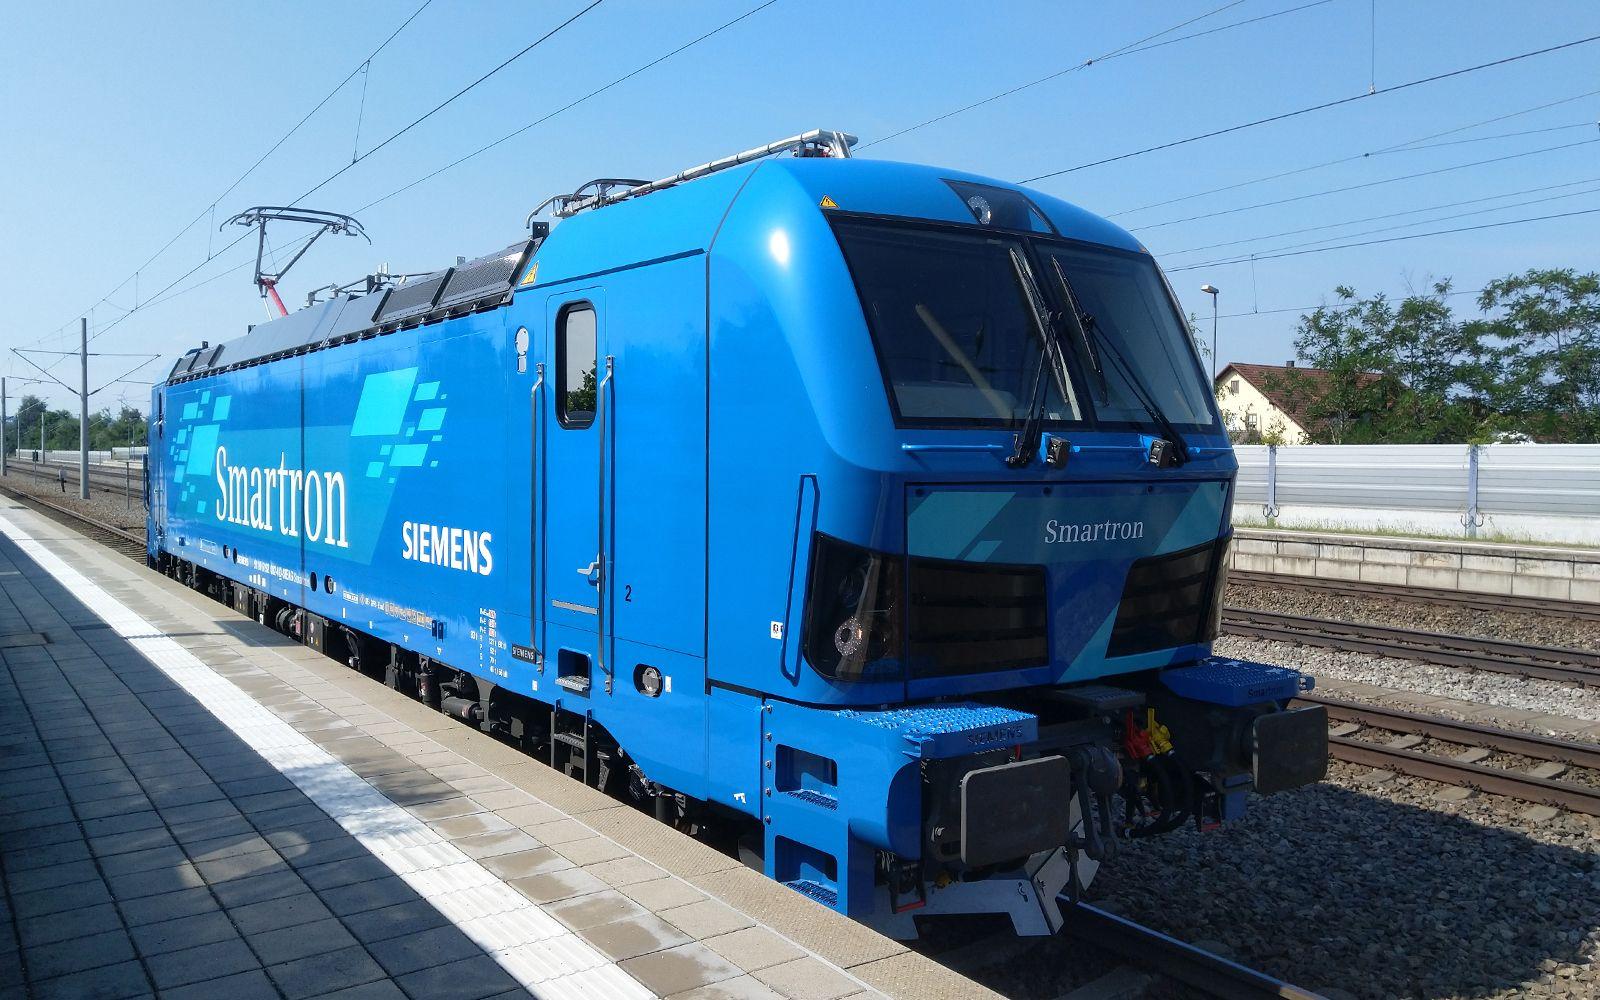 ©Foto: Denis Herwig | railmen | Siemens Smartron Baureihe 192 in Rohrbach an der Ilm